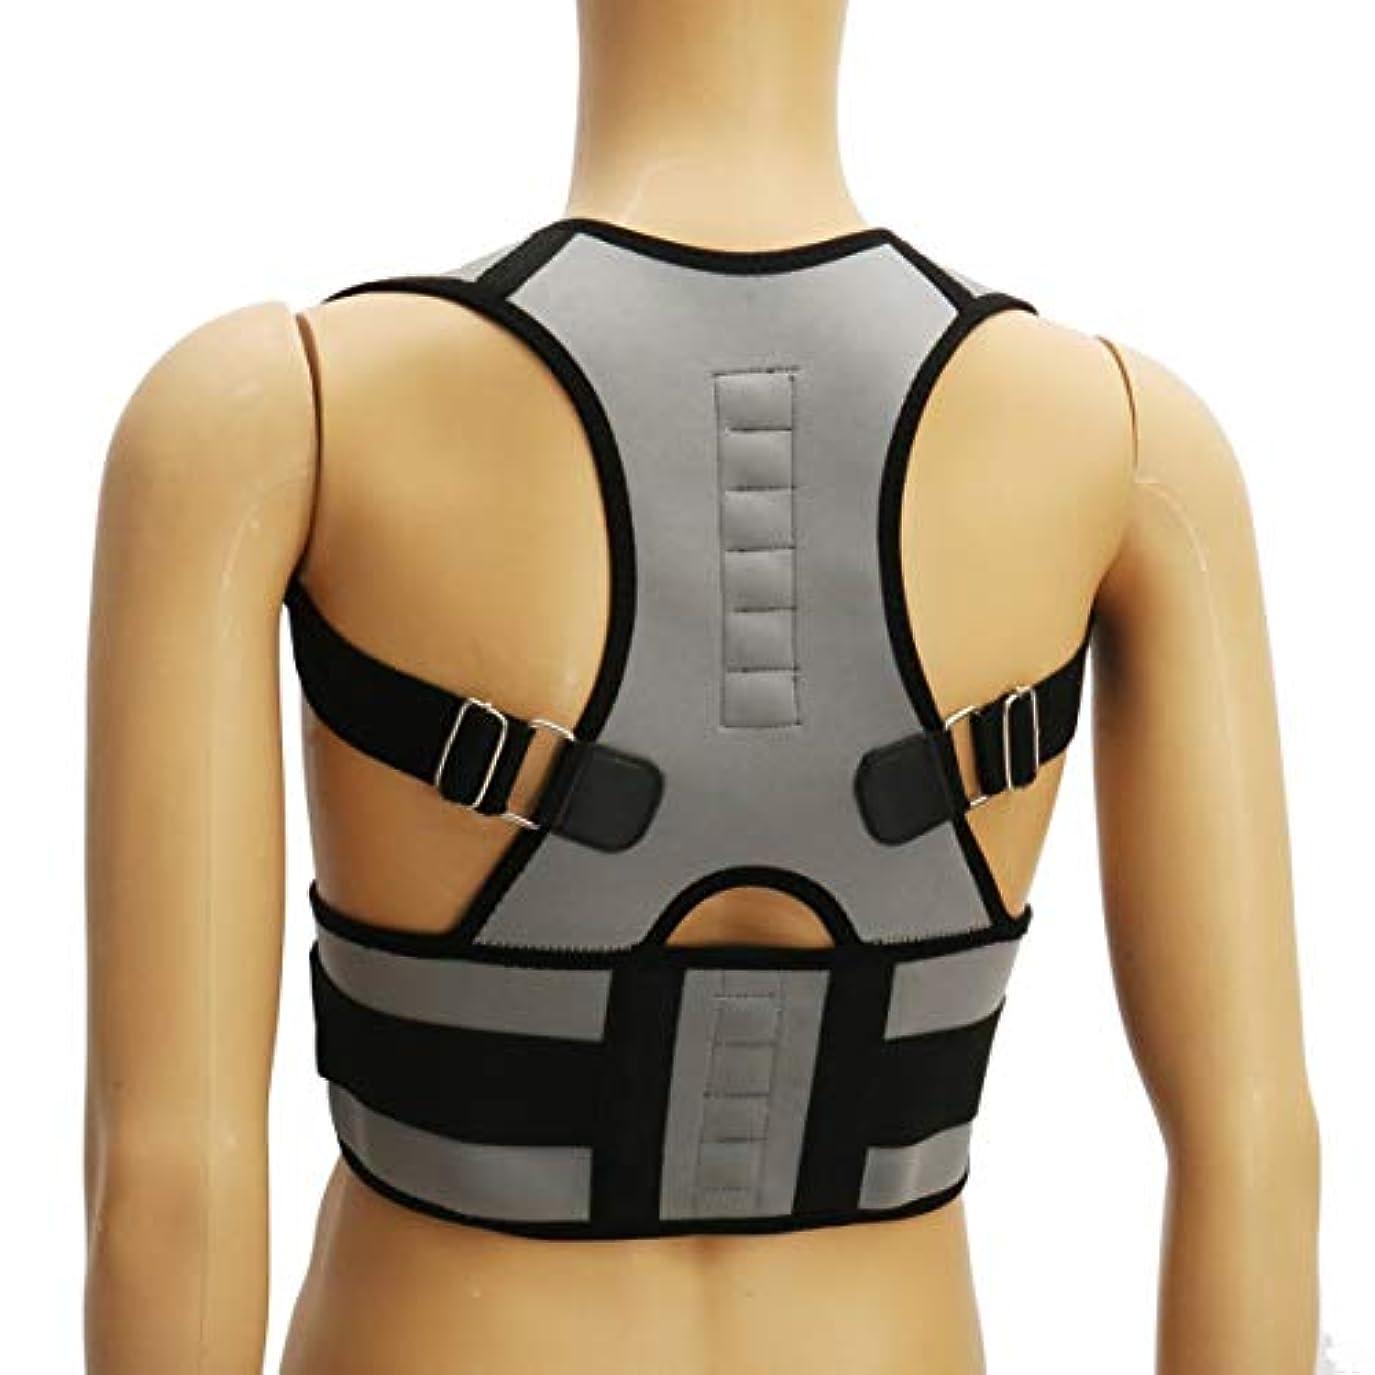 経過トライアスロンAdjustable Posture Corrector All-In-One Back Support Shoulder Lumbar Brace Belt Strap Universal for Men Women